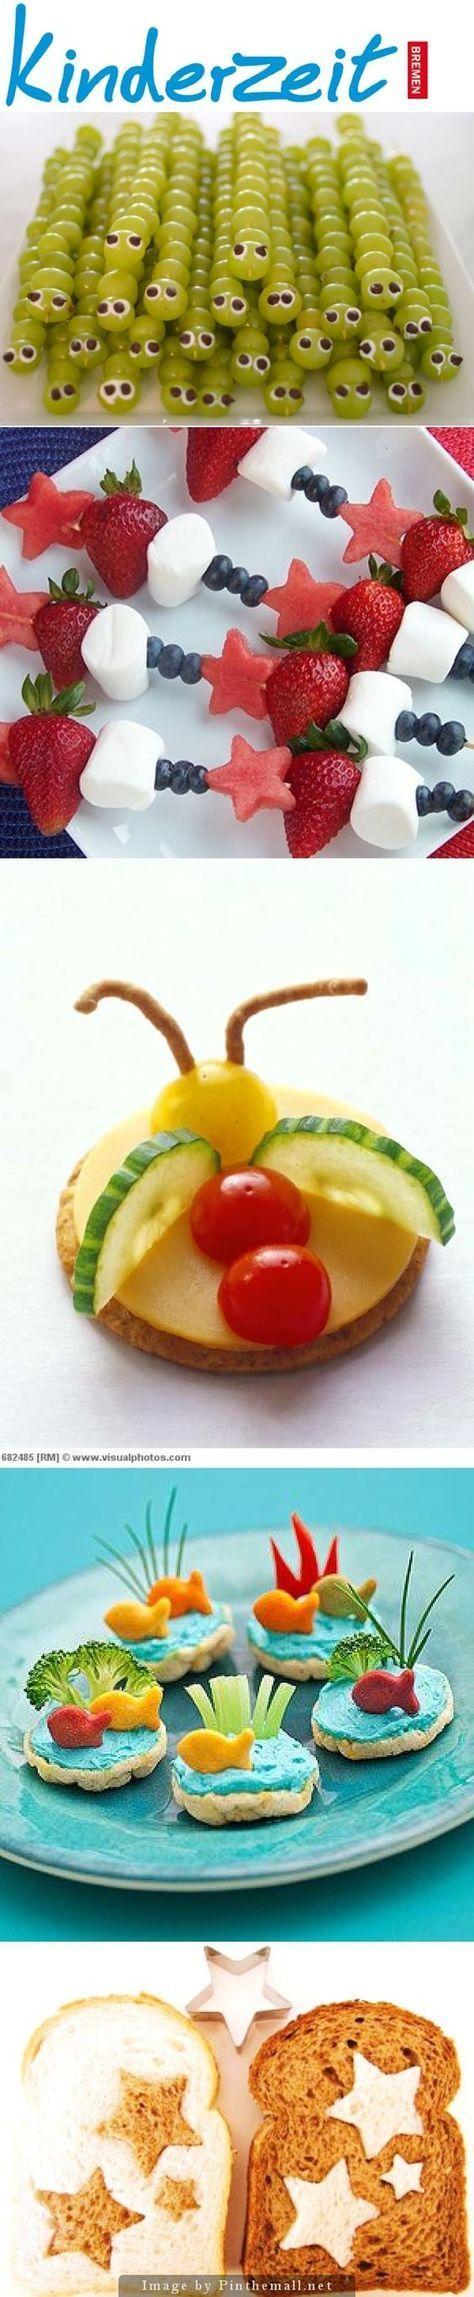 27 IDEEN FÜR KREATIVES KINDERESSEN Es ist nicht immer leicht, Kinder zum Essen zu bewegen, vor allem nicht, wenn es um Obst und Gemüse geht. Gut, dass gerade die Kleinen häufig so visuell gesteuert sind, so dass man mit ein paar kleinen Tricks, schnell ihr Interesse wecken kann. http://www.kinderzeit-bremen.de/blogs/blog